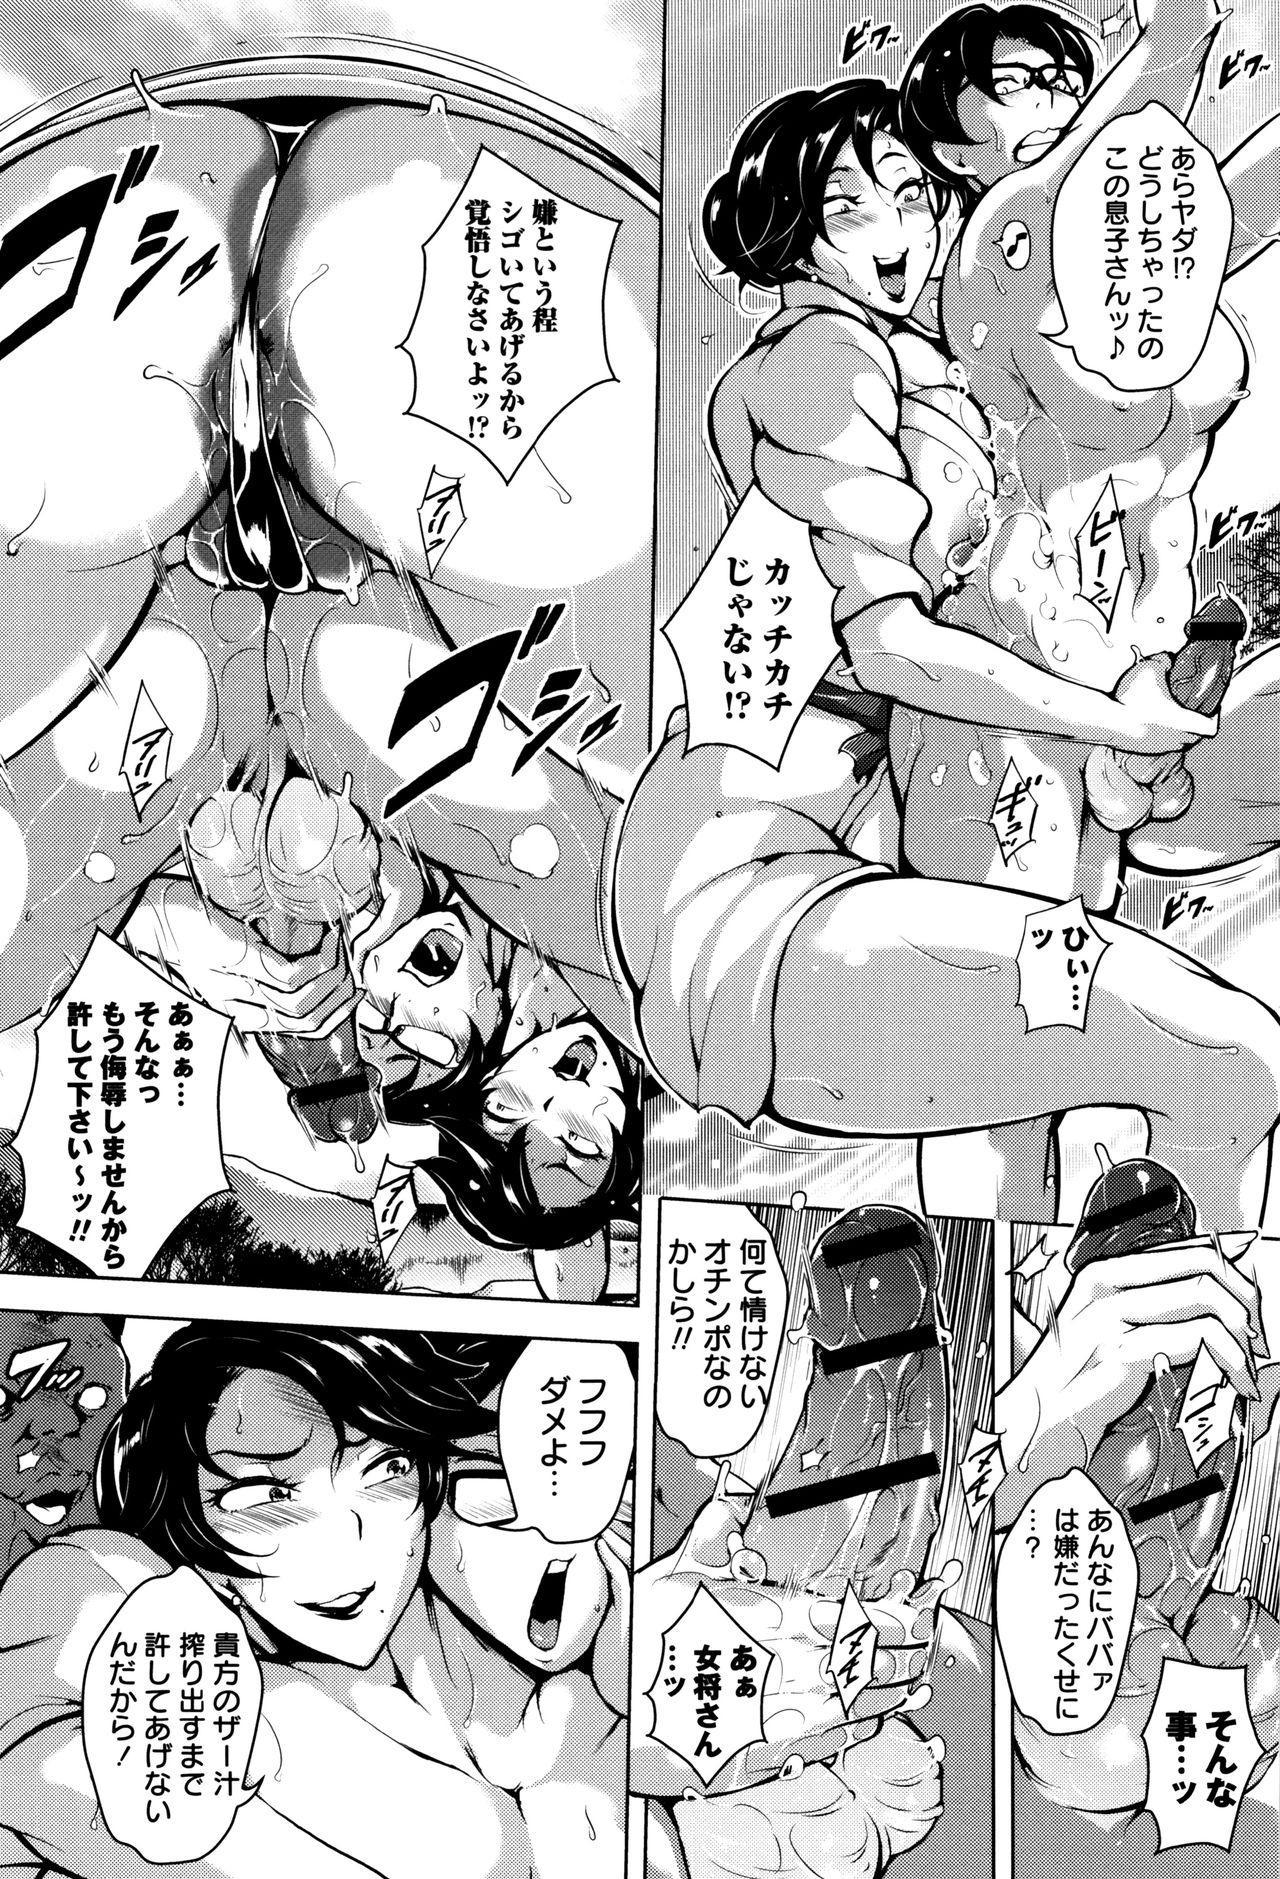 Ero BBA ♥ Dosukebe Ha Sengen 73